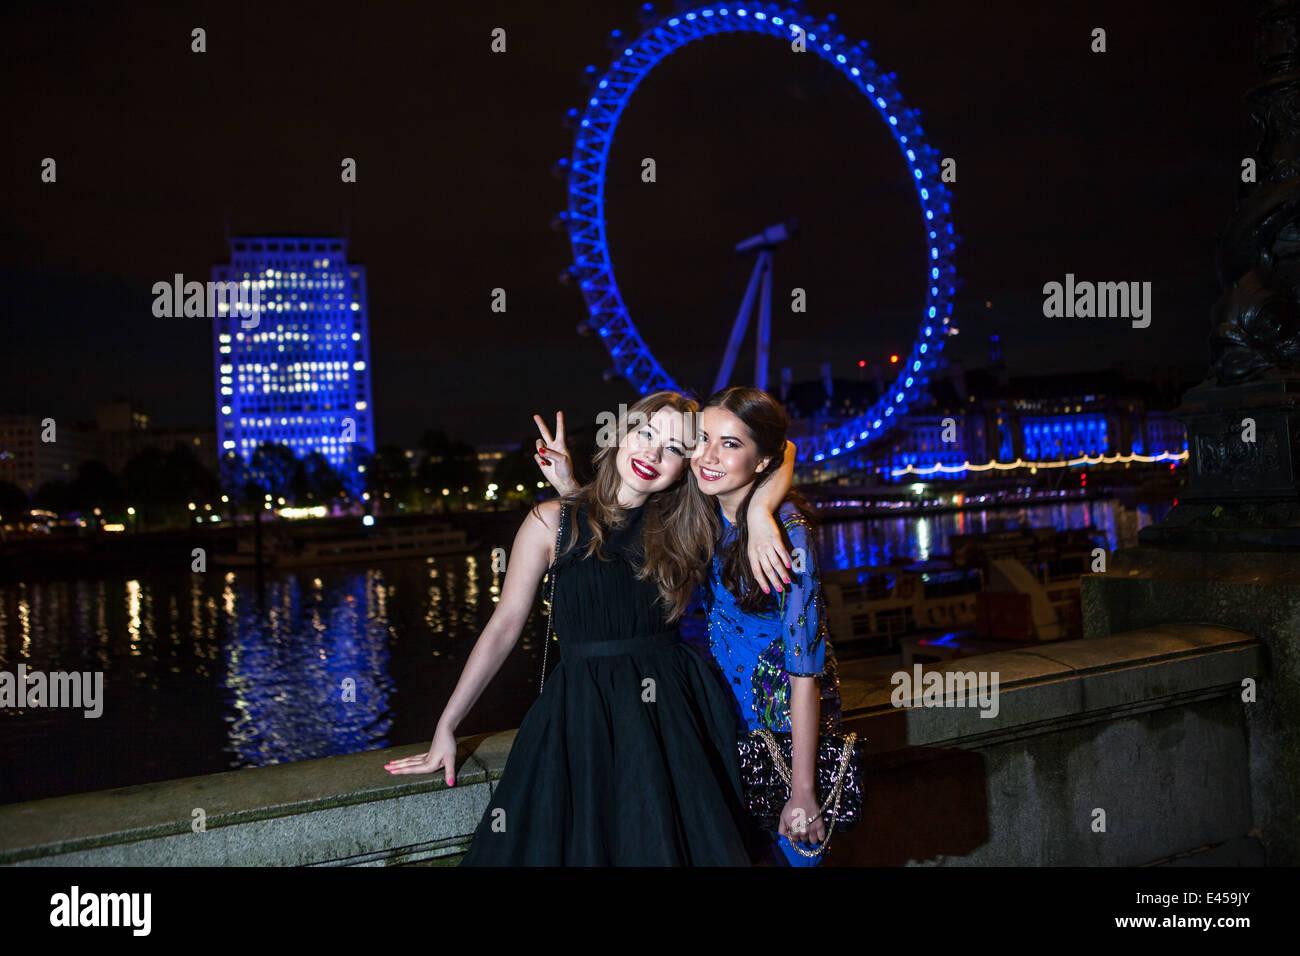 Porträt von zwei Freundinnen posieren mit London Eye in der Nacht, London, UK Stockbild